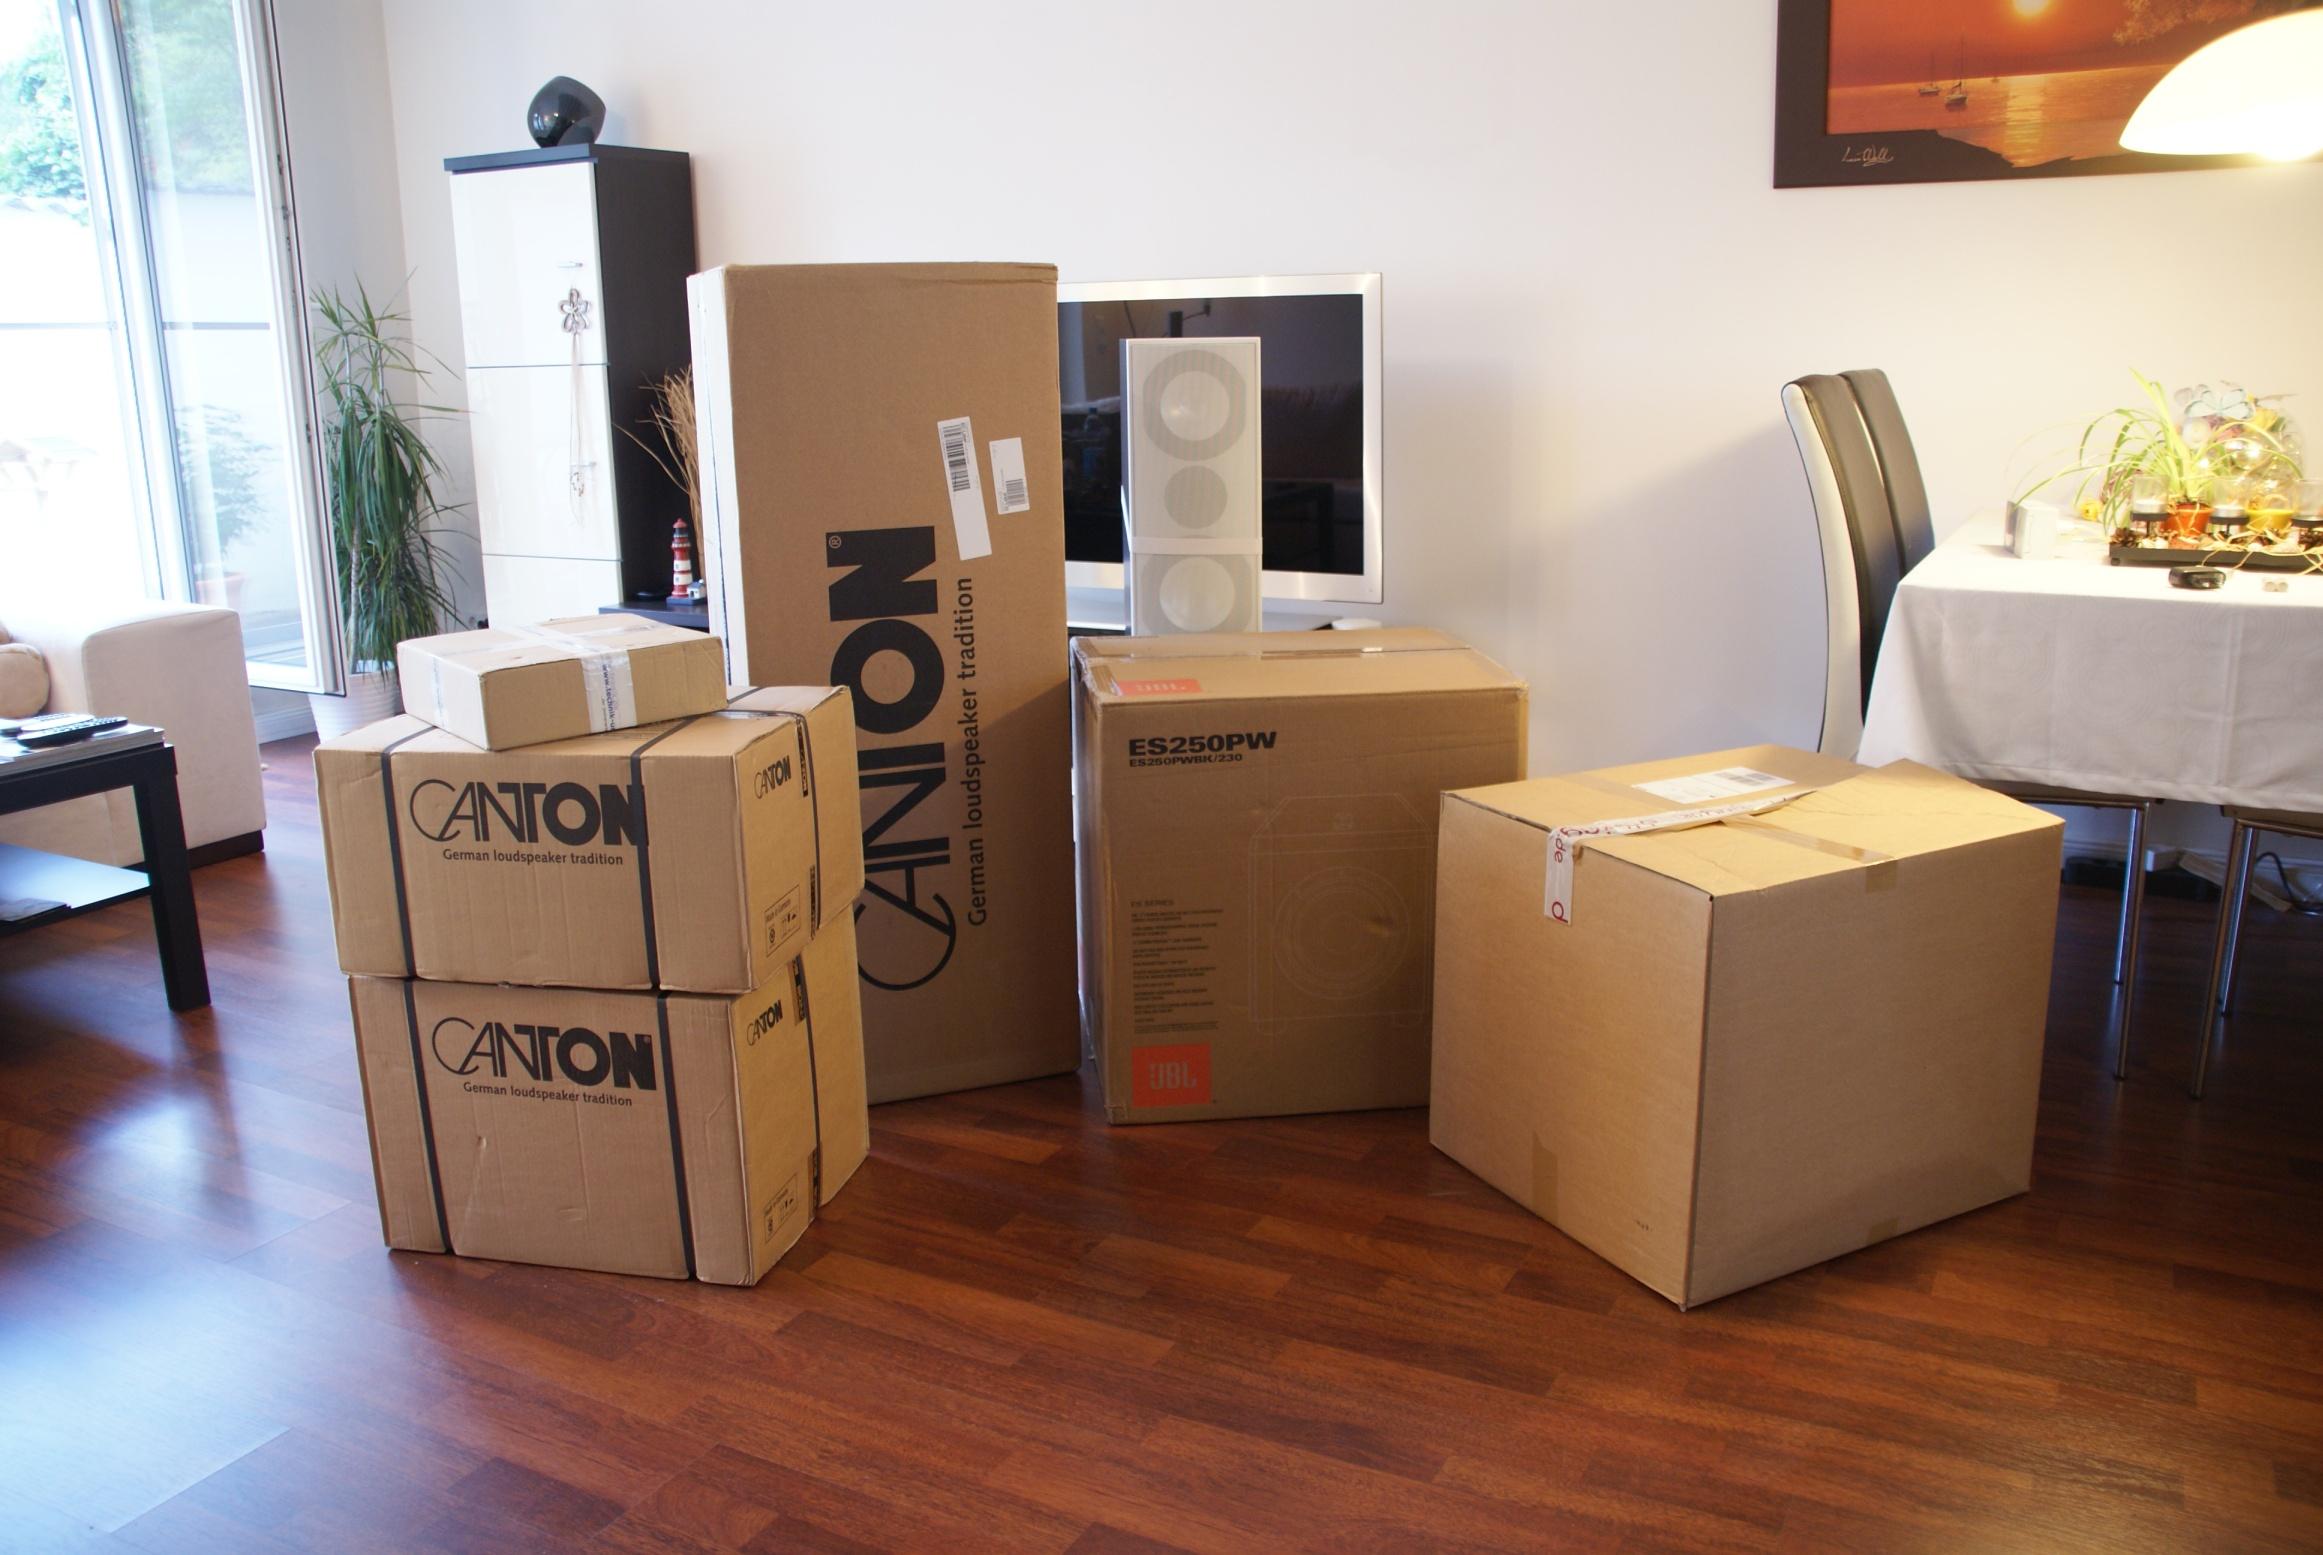 pimp my wohnzimmer anschaffung und aufbau unserer hifi anlage slash home slash micha. Black Bedroom Furniture Sets. Home Design Ideas